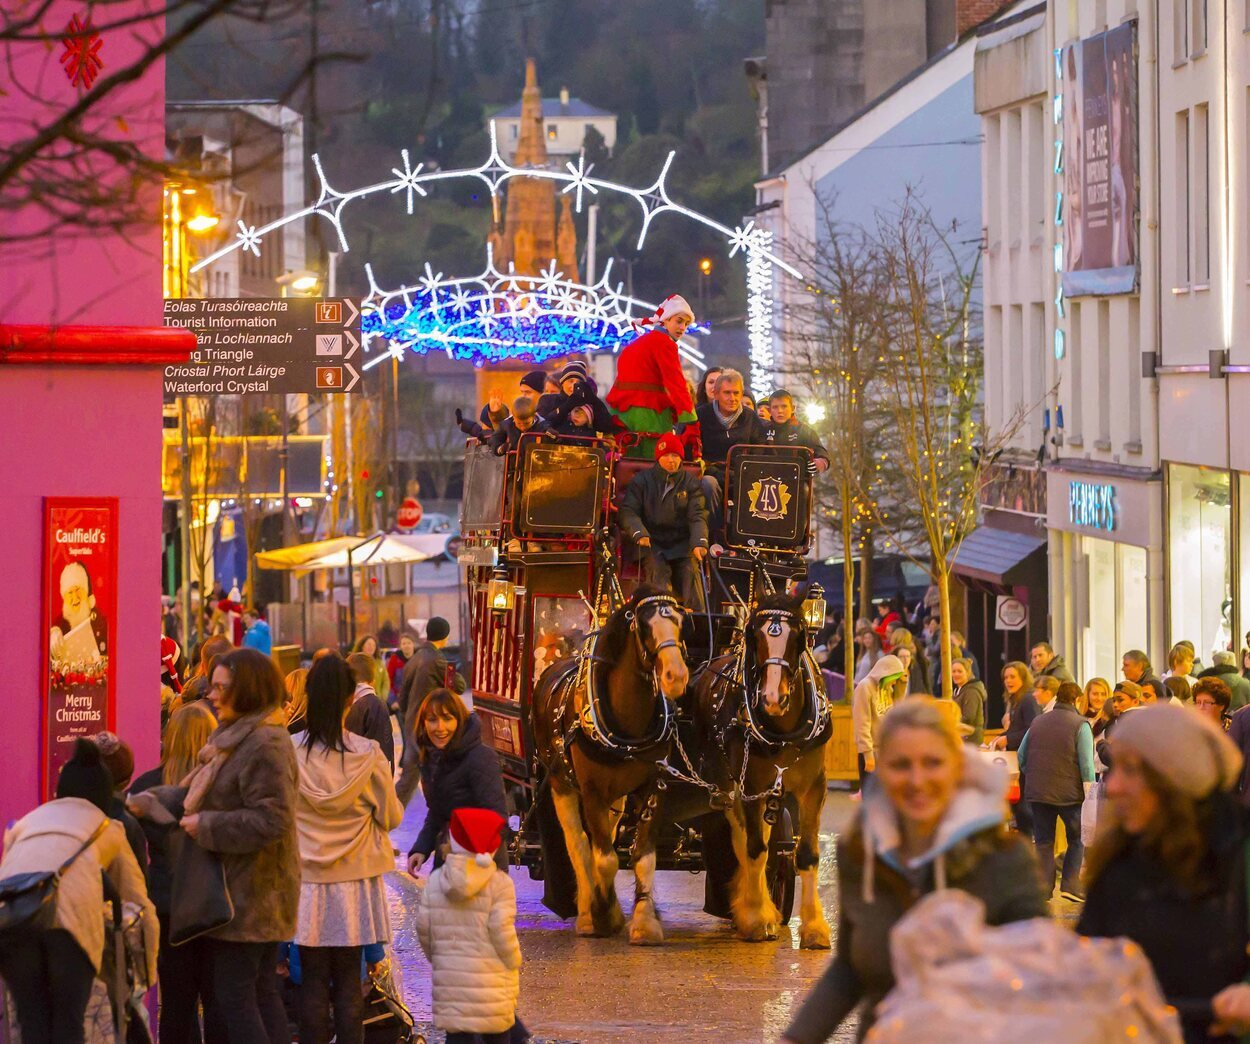 En Waterford se podrá pasear en un trineo tirado por caballos, entre otras actividades | Foto: Turismo Irlanda